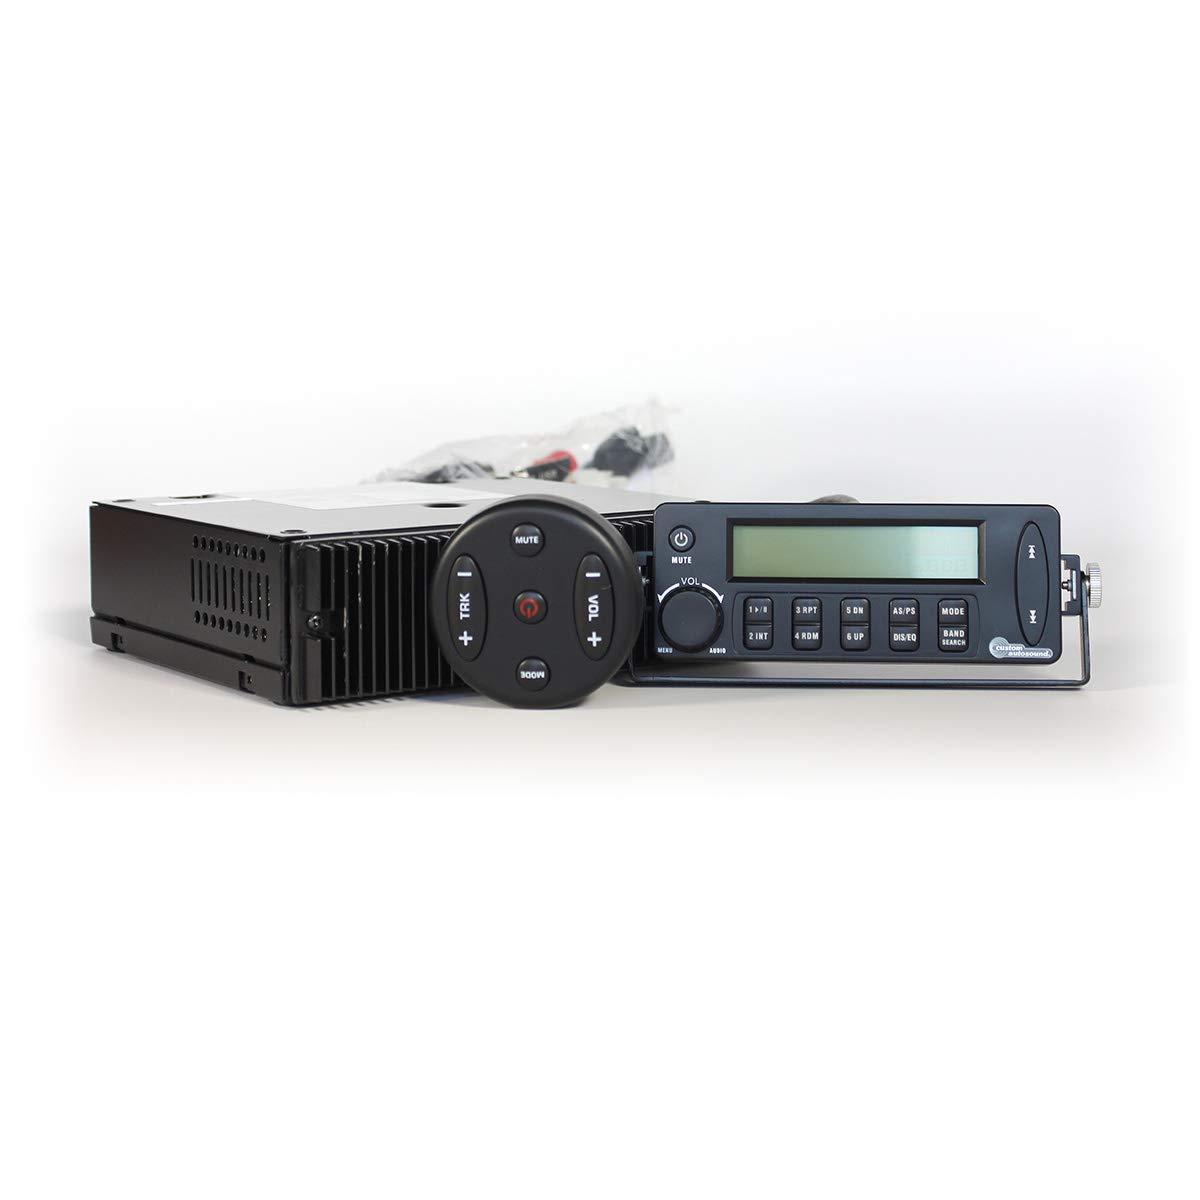 LCD Display CAM-SST-BLU Custom Autosound Bluetooth Enabled Remote Control SECRETAUDIO SST Hidden Stereo Radio 200 watt amp USB MP3//WMA Sub Out